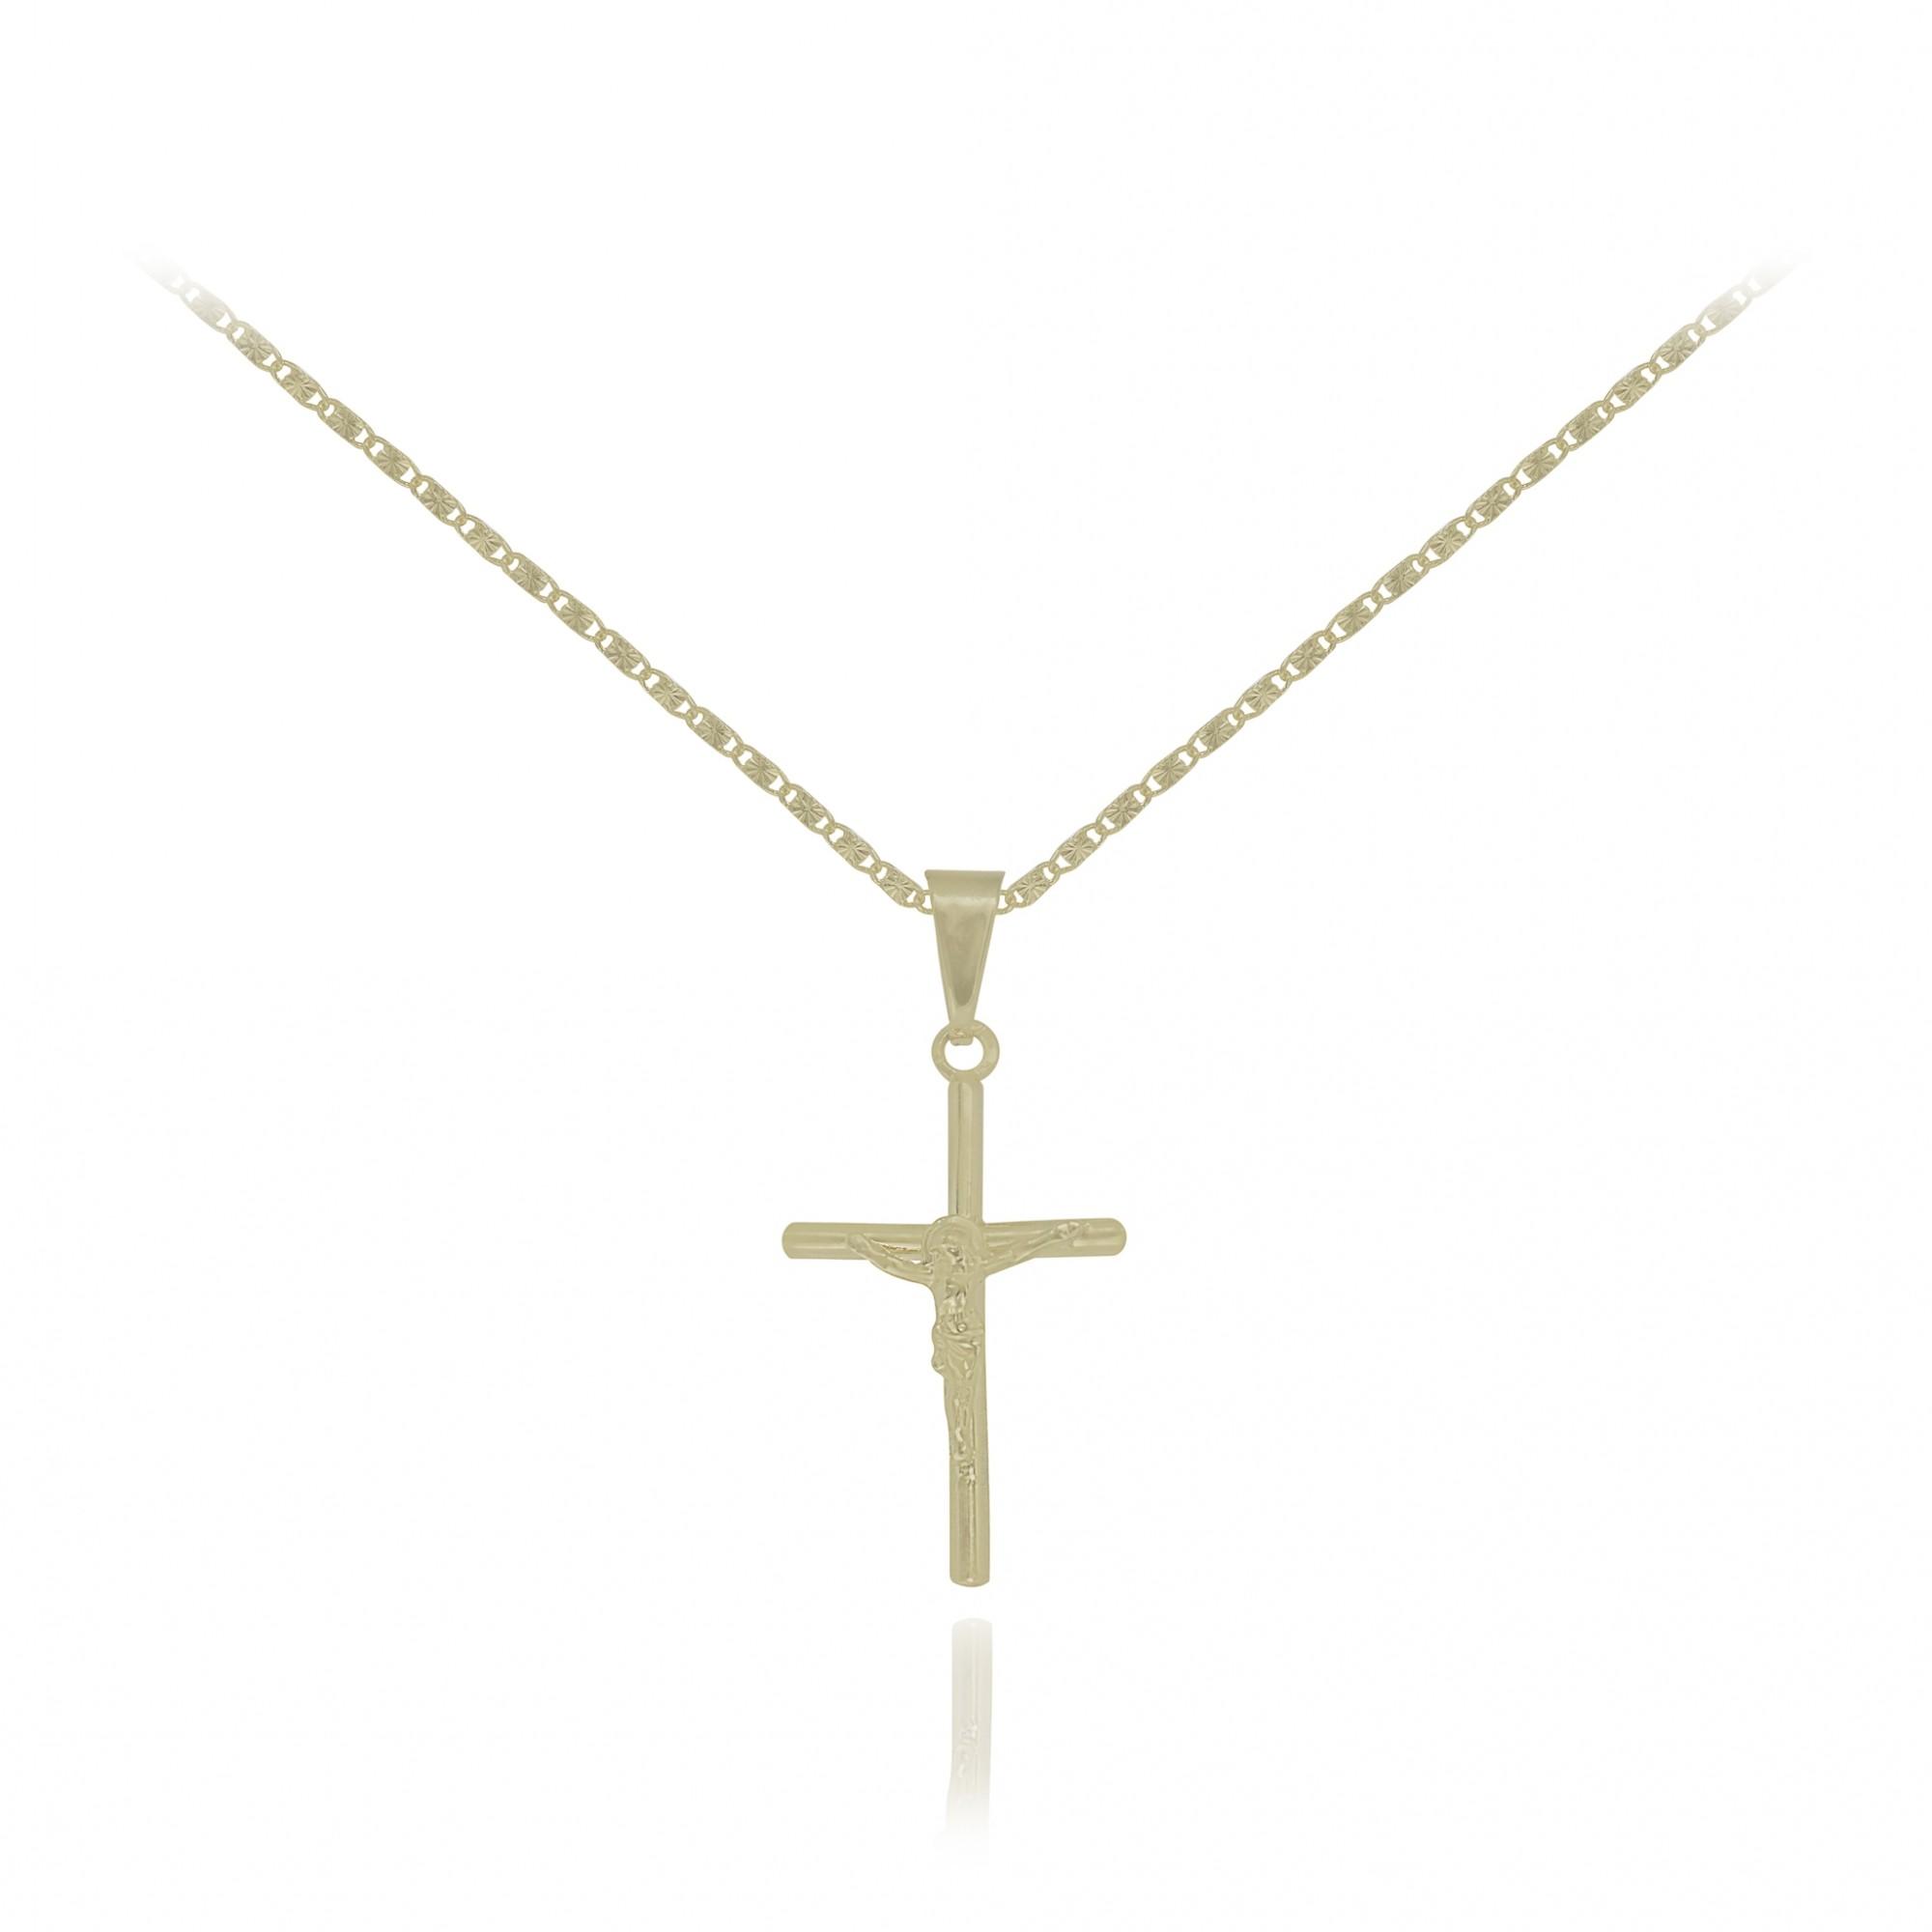 Colar Cruz com Cristo semijoia folheada a ouro 18k ou ródio